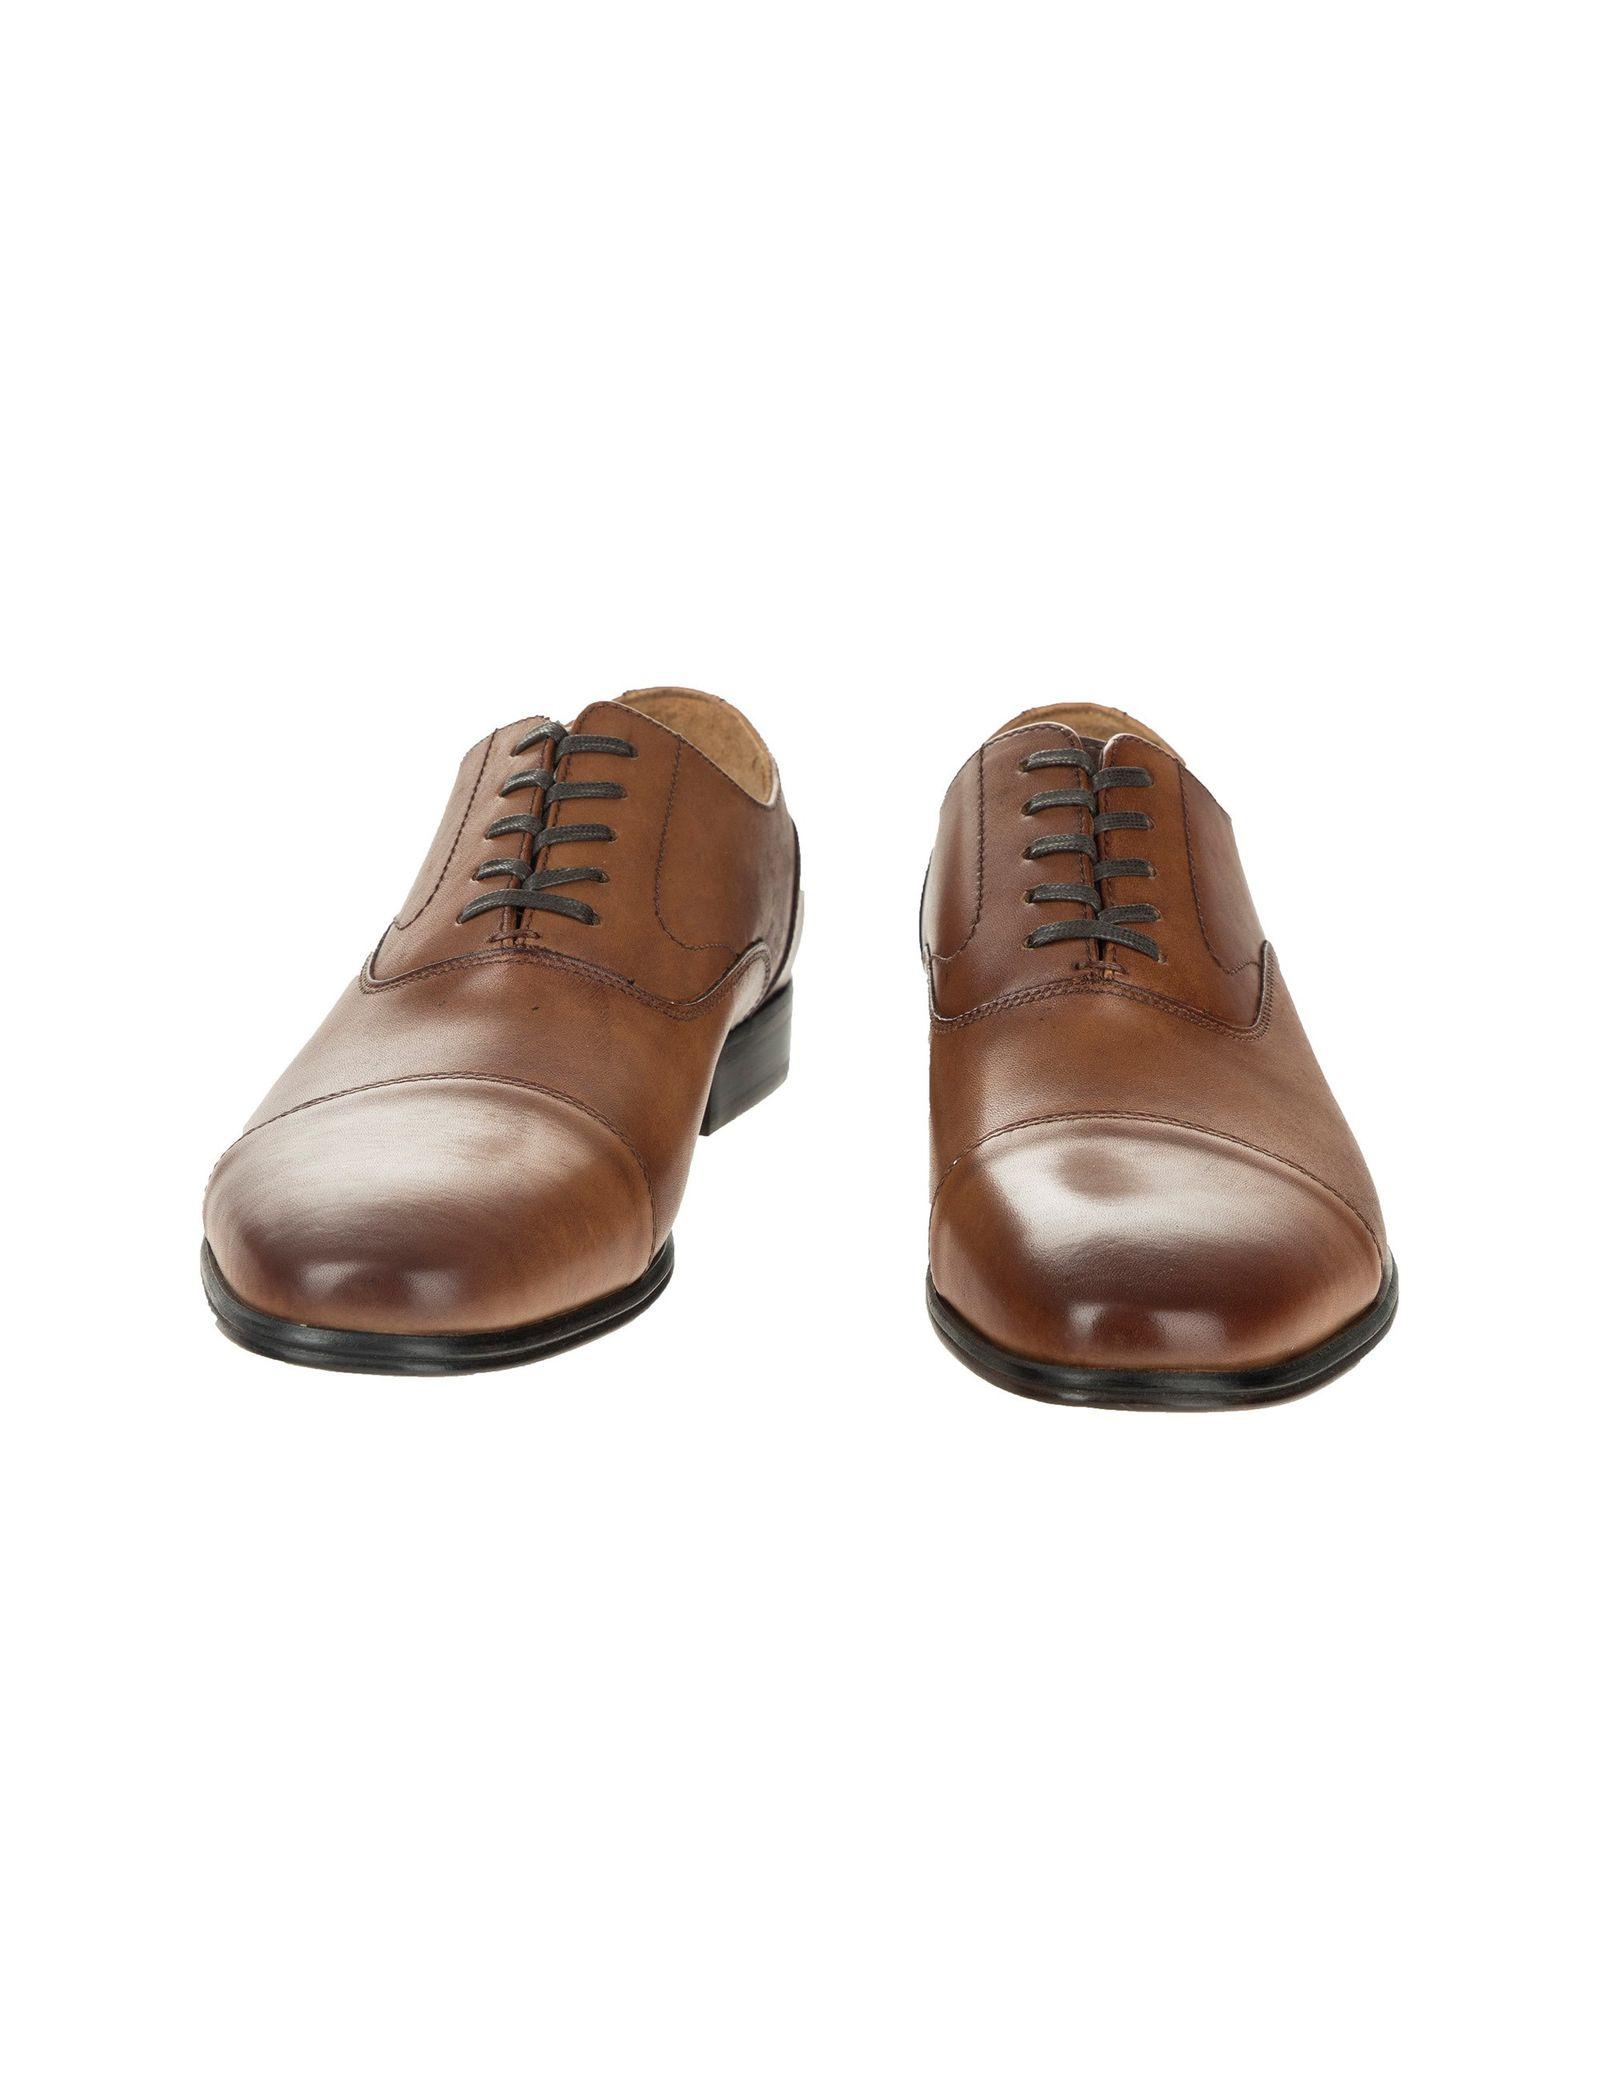 کفش رسمی چرم مردانه - آلدو - قهوه اي روشن - 3